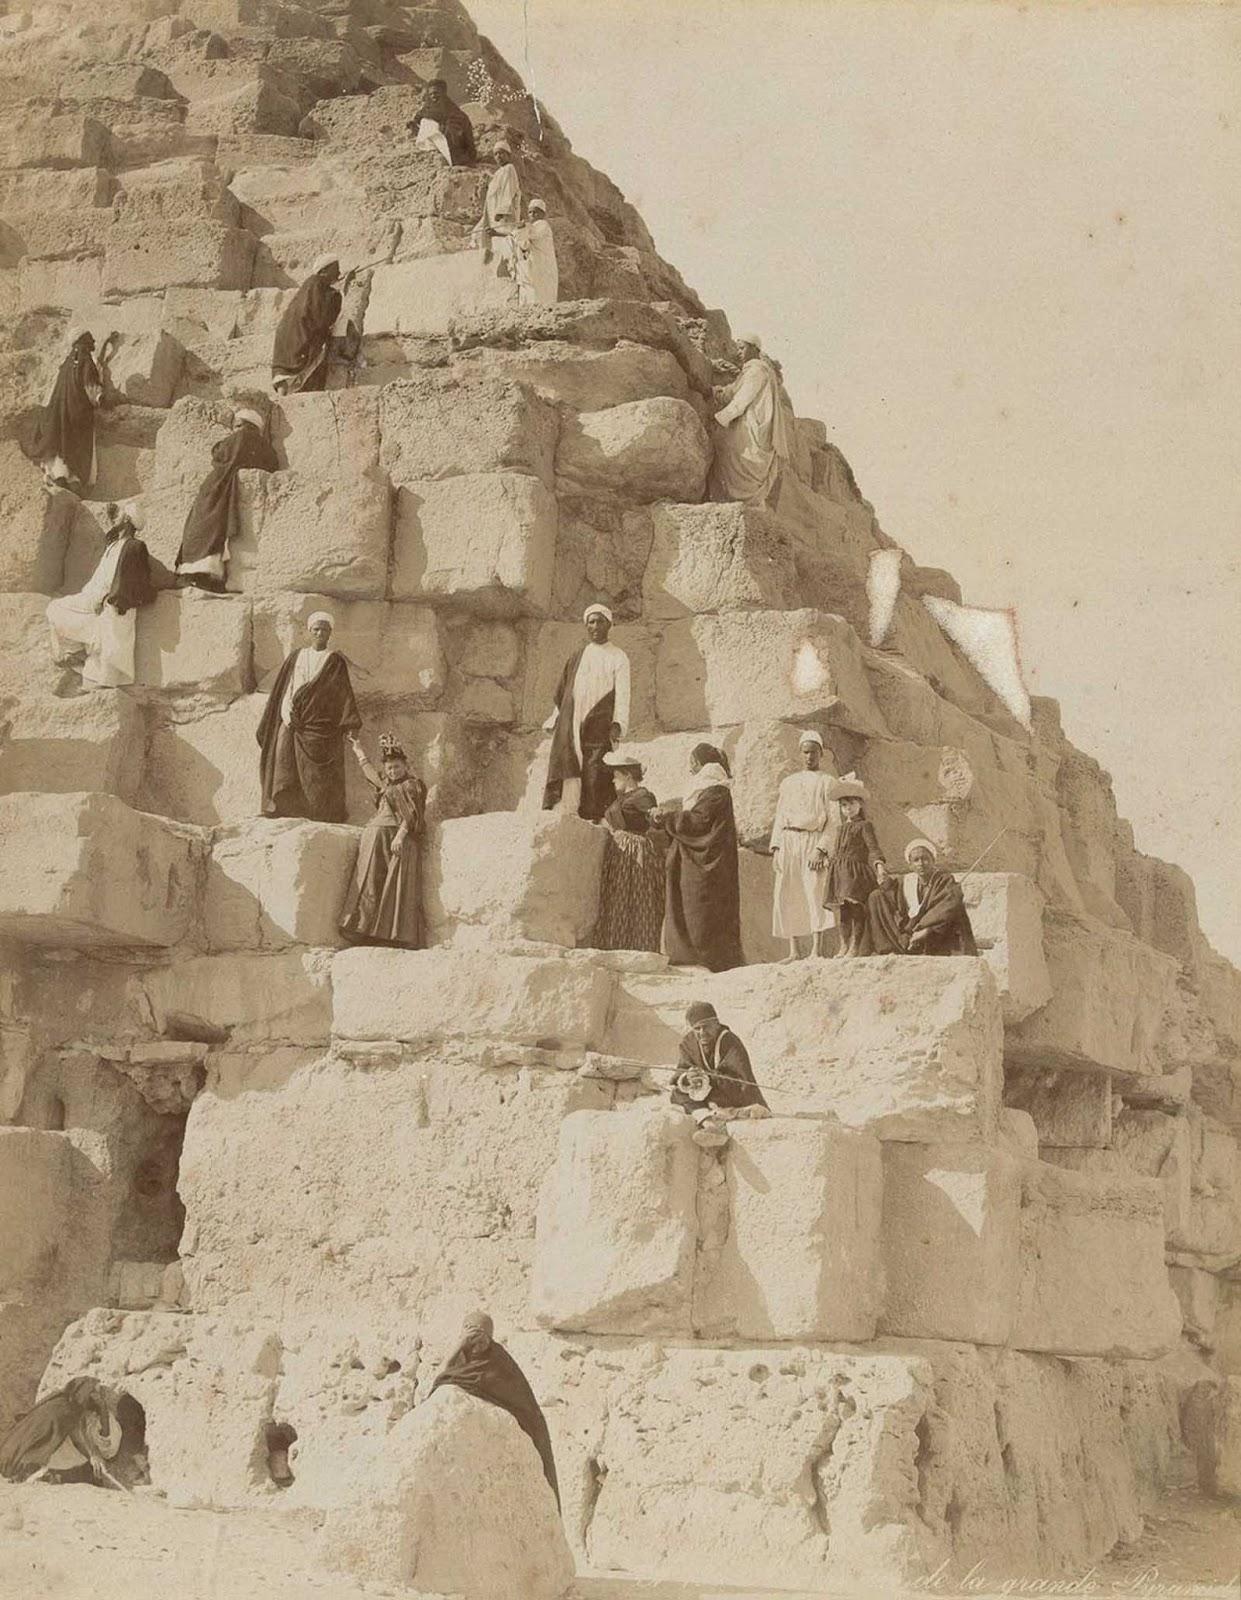 Turistas europeos y guías locales suben a una de las pirámides de Giza.